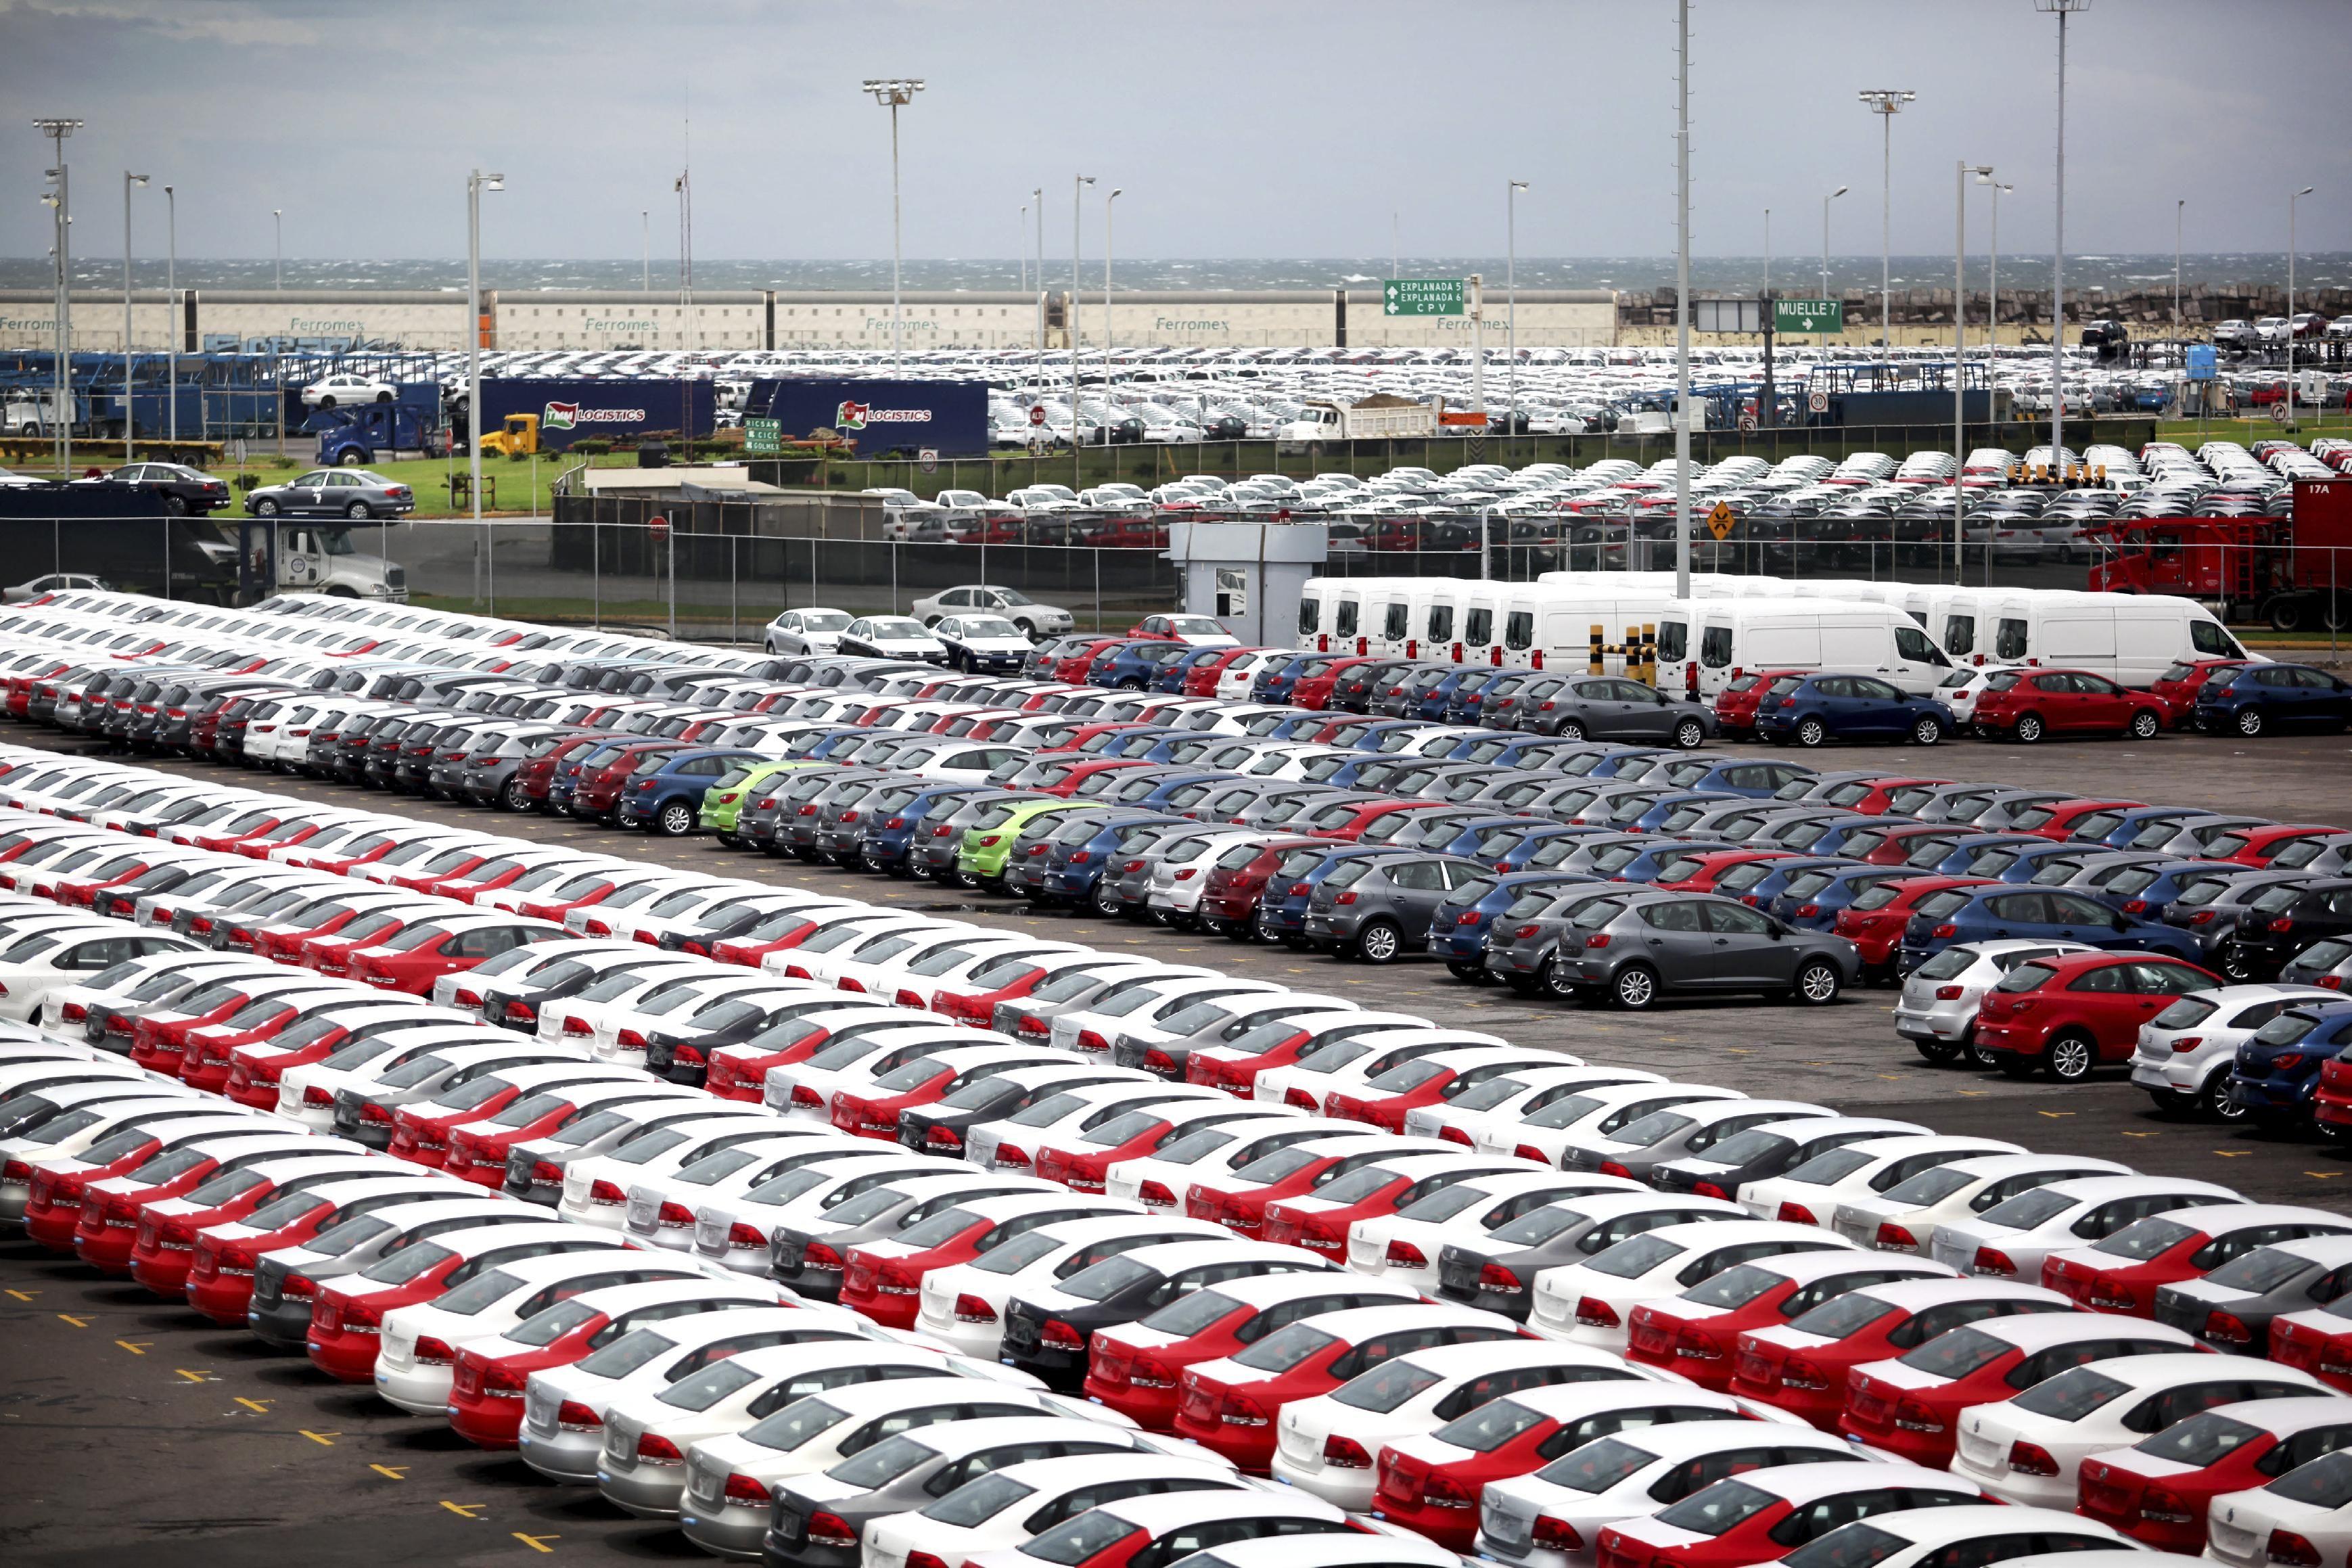 مبيعات السيارات الجديدة فى أوروبا تنخفض 17.6% بأغسطس